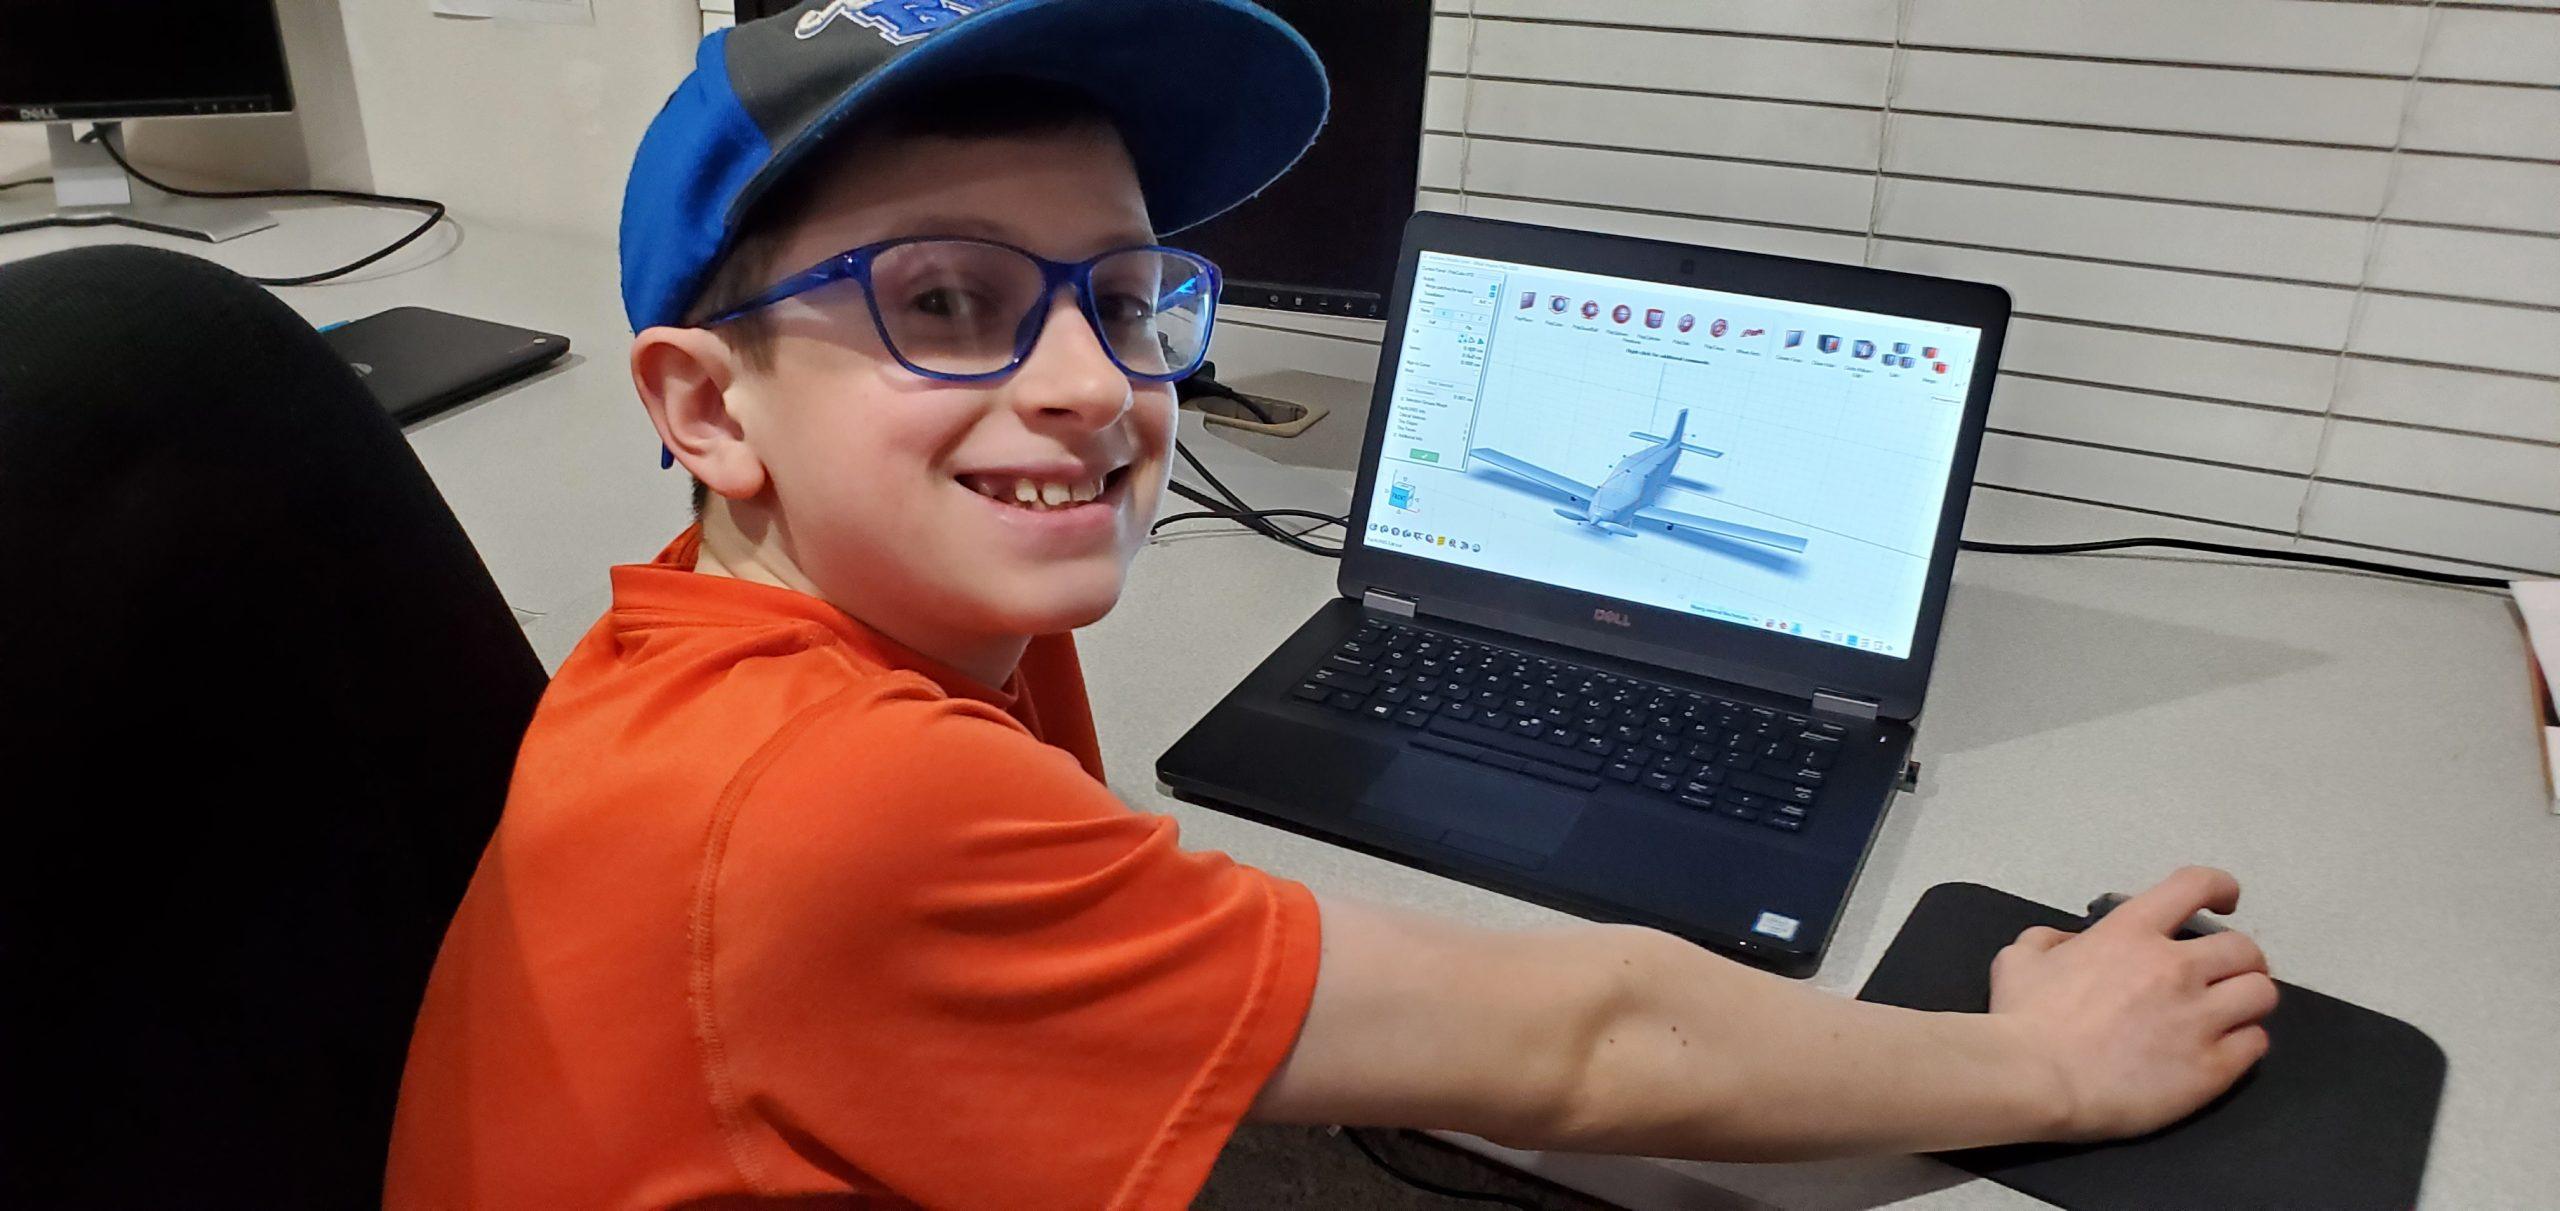 13歳のAdamがInspireを使って作製した3Dプリント製飛行機の3Dモデル